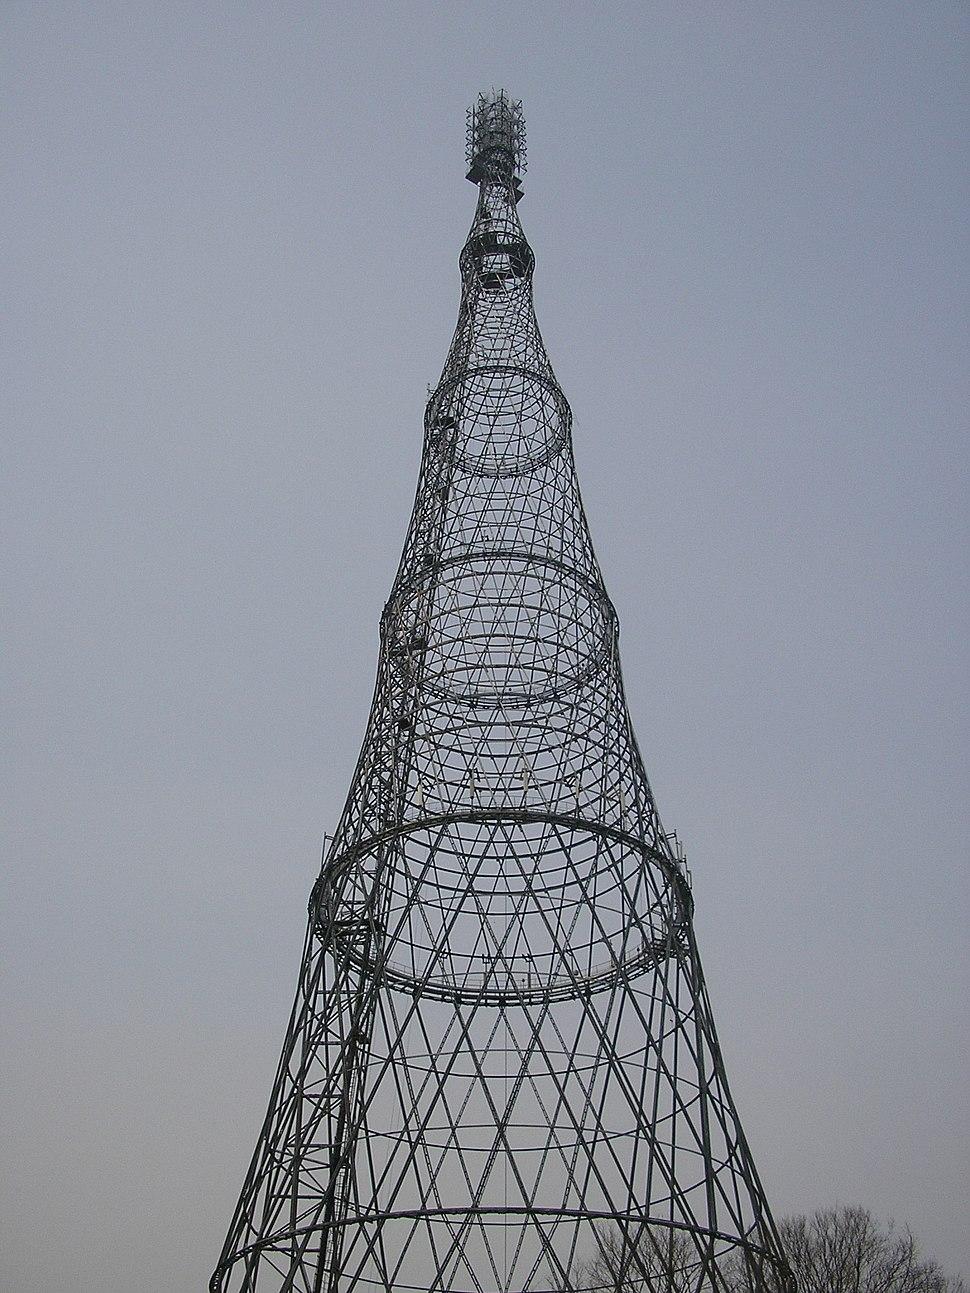 Shukhov Tower photo by Sergei Arsenyev 2006